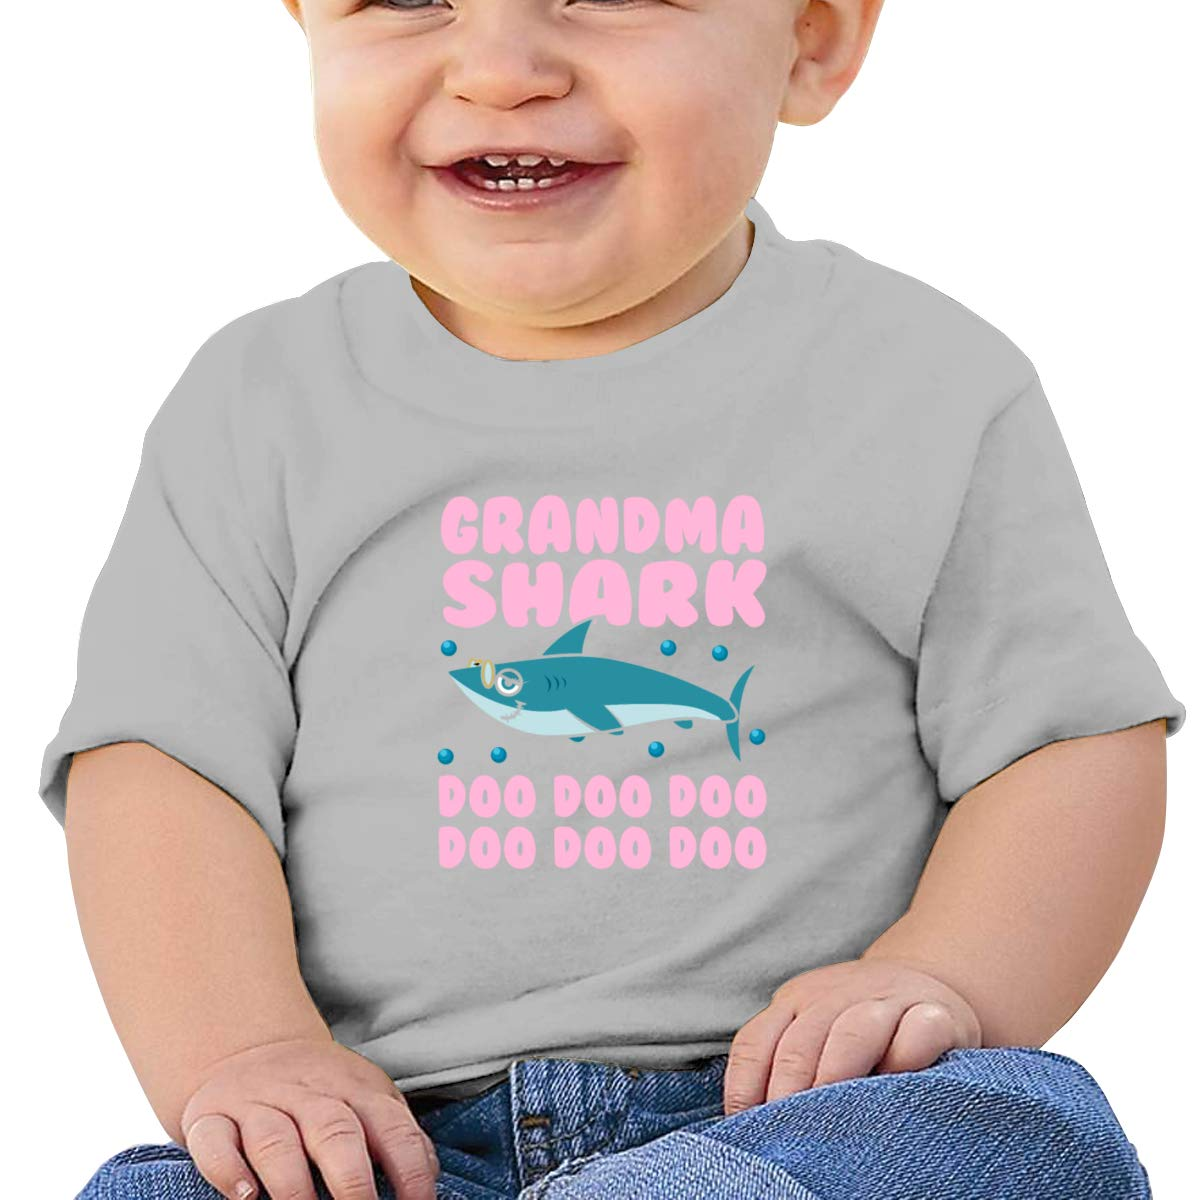 Grandma Shark Do Do Do 3 Toddler Short Sleeve T-Shirts Girl Birthday Gift